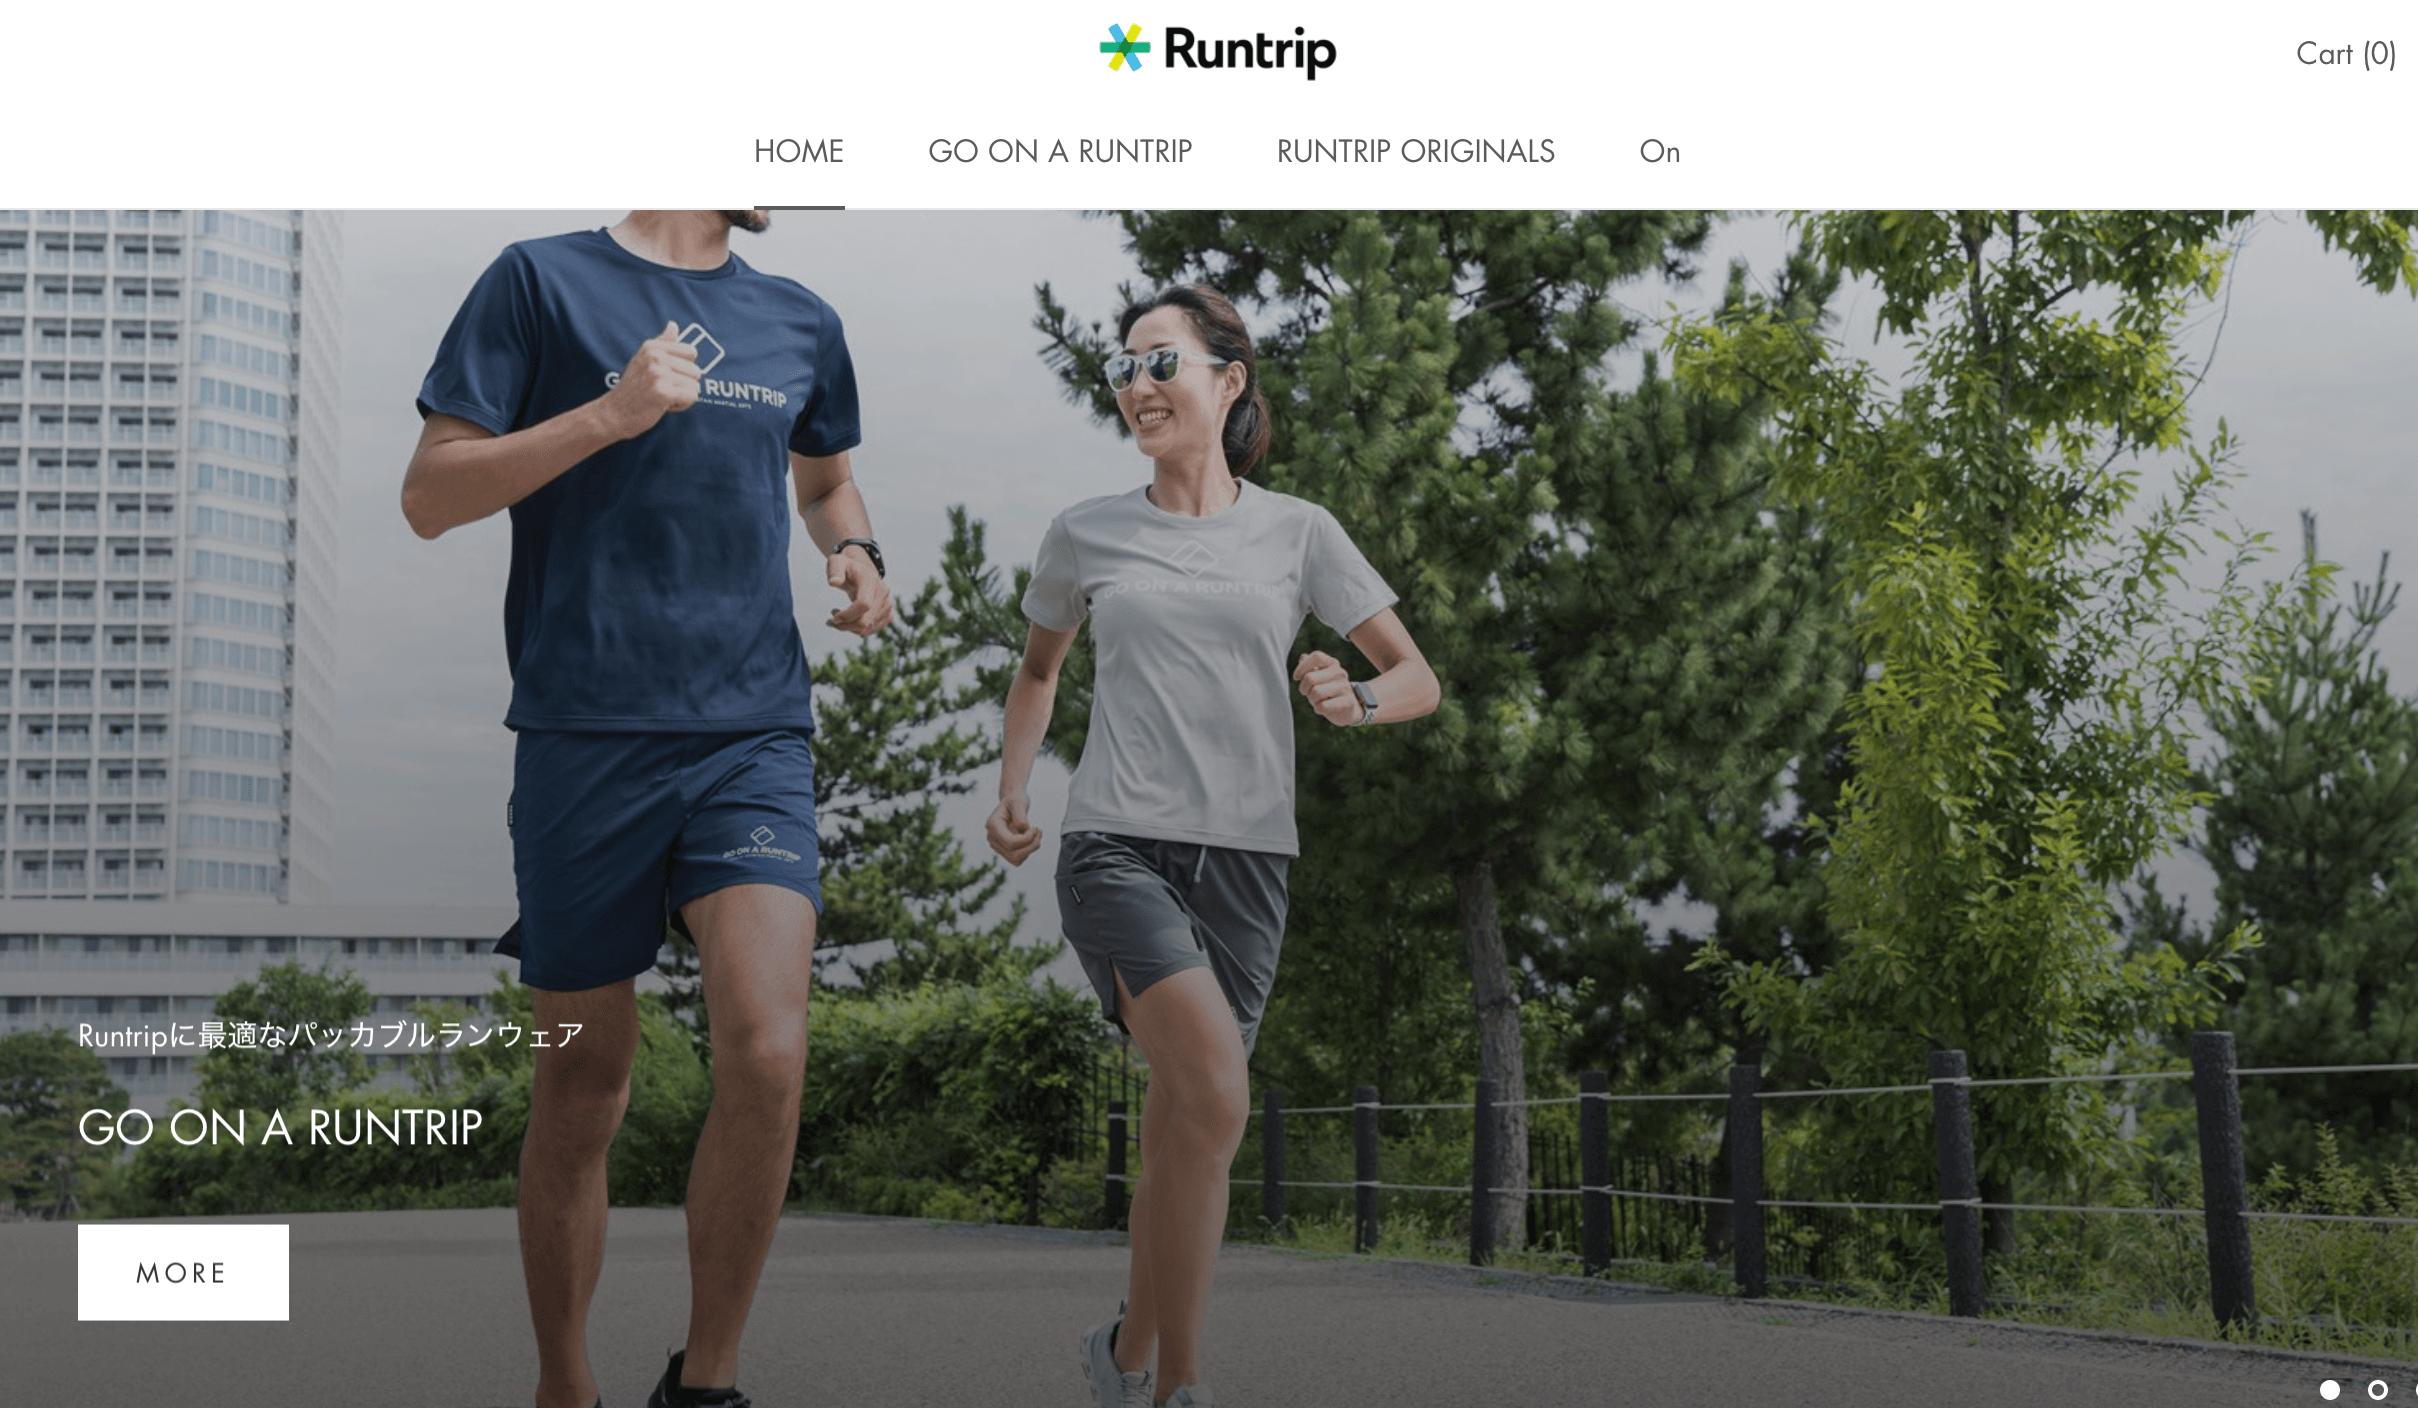 日本のShopify導入事例④Runtrip Store